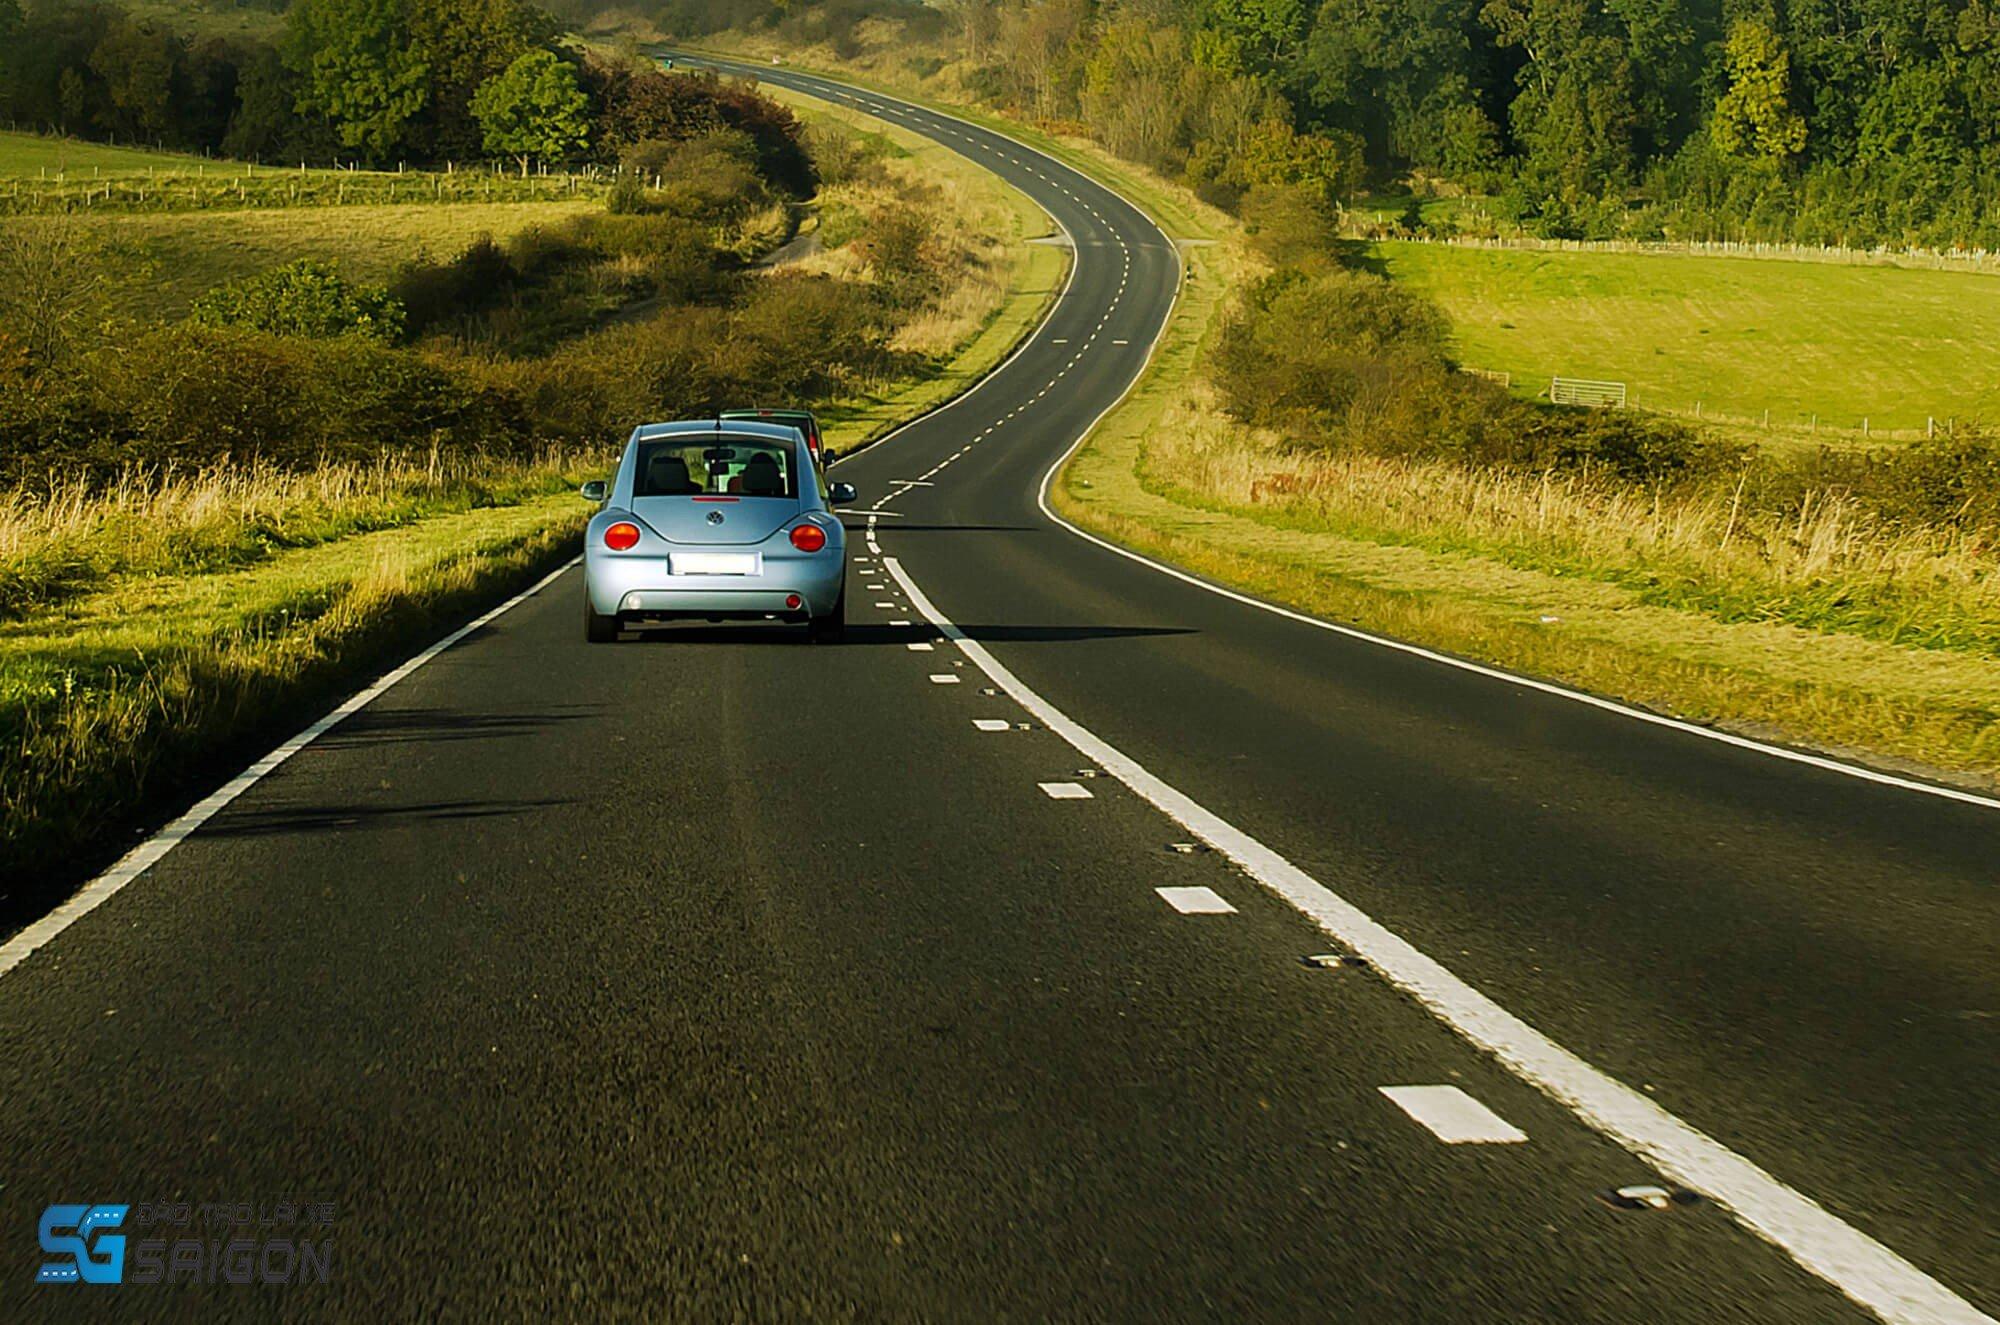 Học lái xe ô tô B2 là cả một chặng đường. Hãy cẩn thận trong việc lựa chọn bạn đồng hành cho đọan đường đó ngay từ vạch xuất phát.